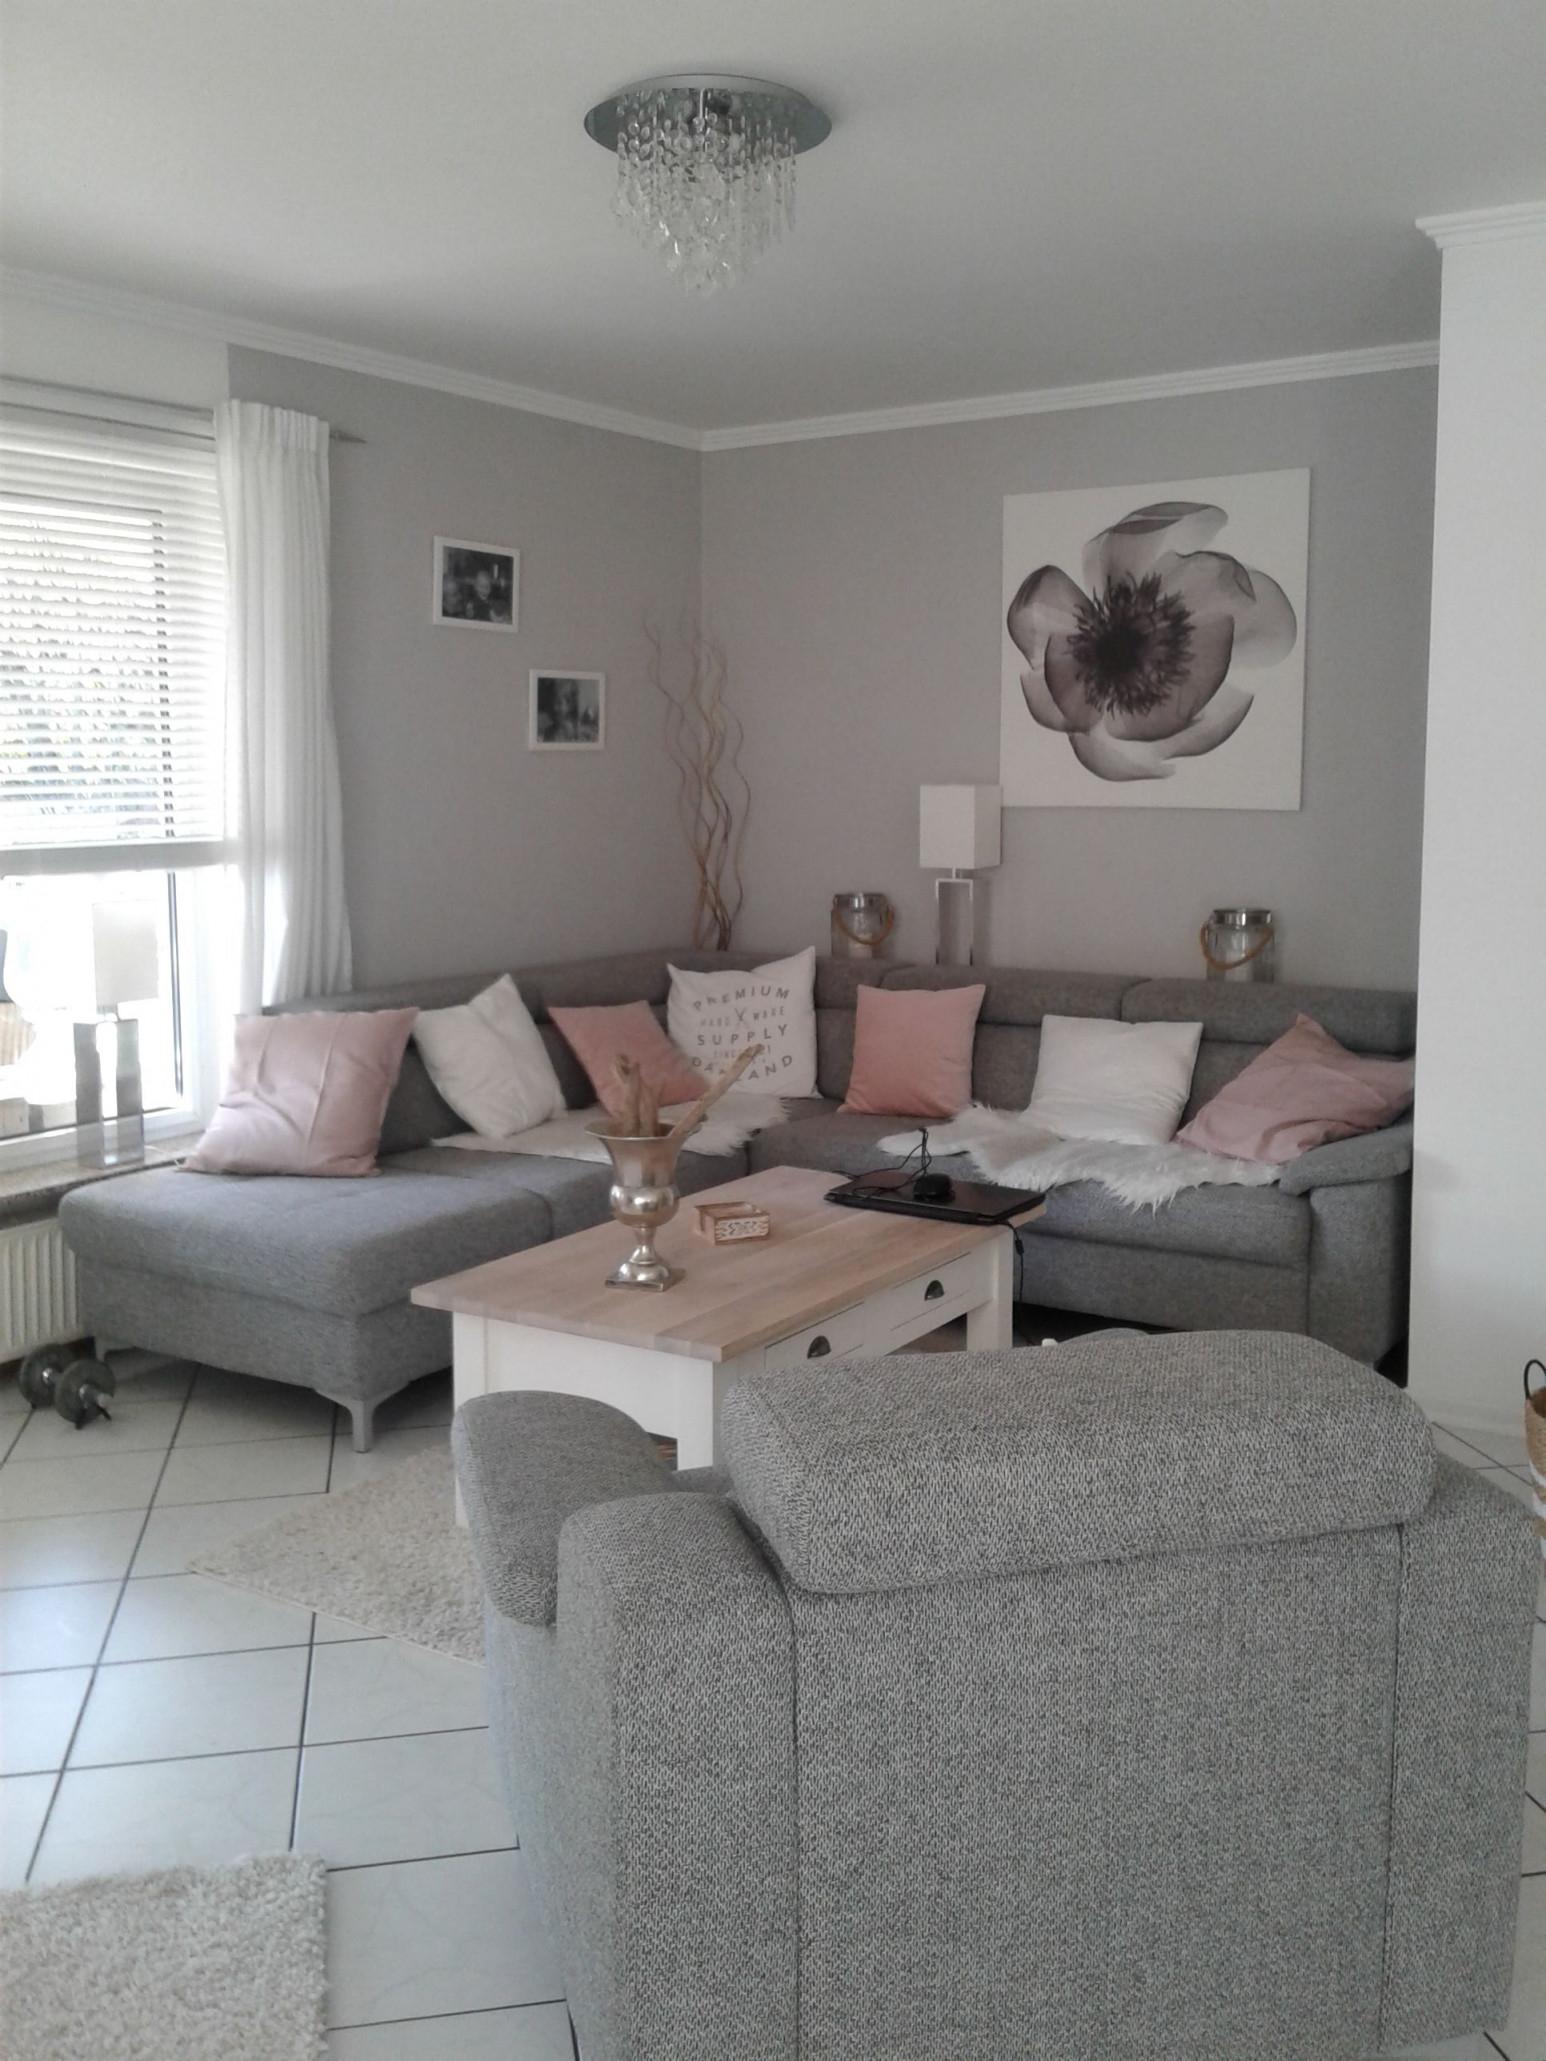 Wohnzimmer In Grau Weiß Und Farbtupfer In Matt Rosa von Wohnzimmer In Weiss Gestalten Bild